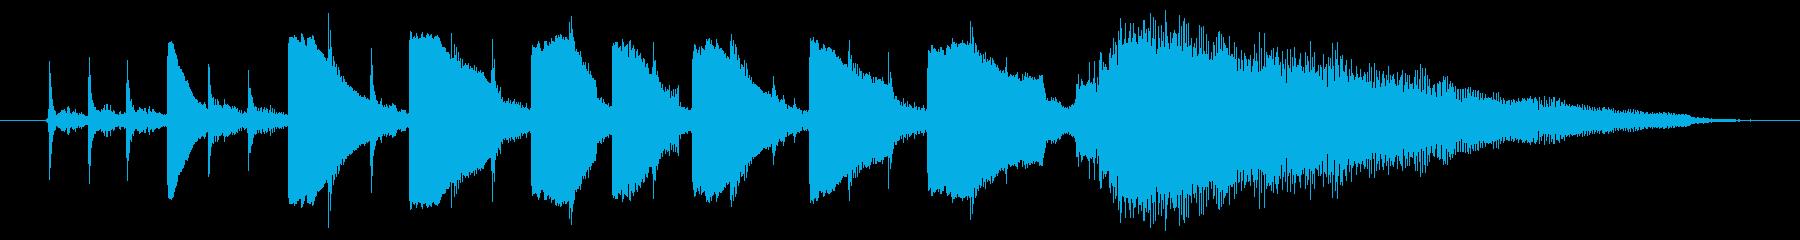 海外ドラマ風 エレキギターミュートコードの再生済みの波形